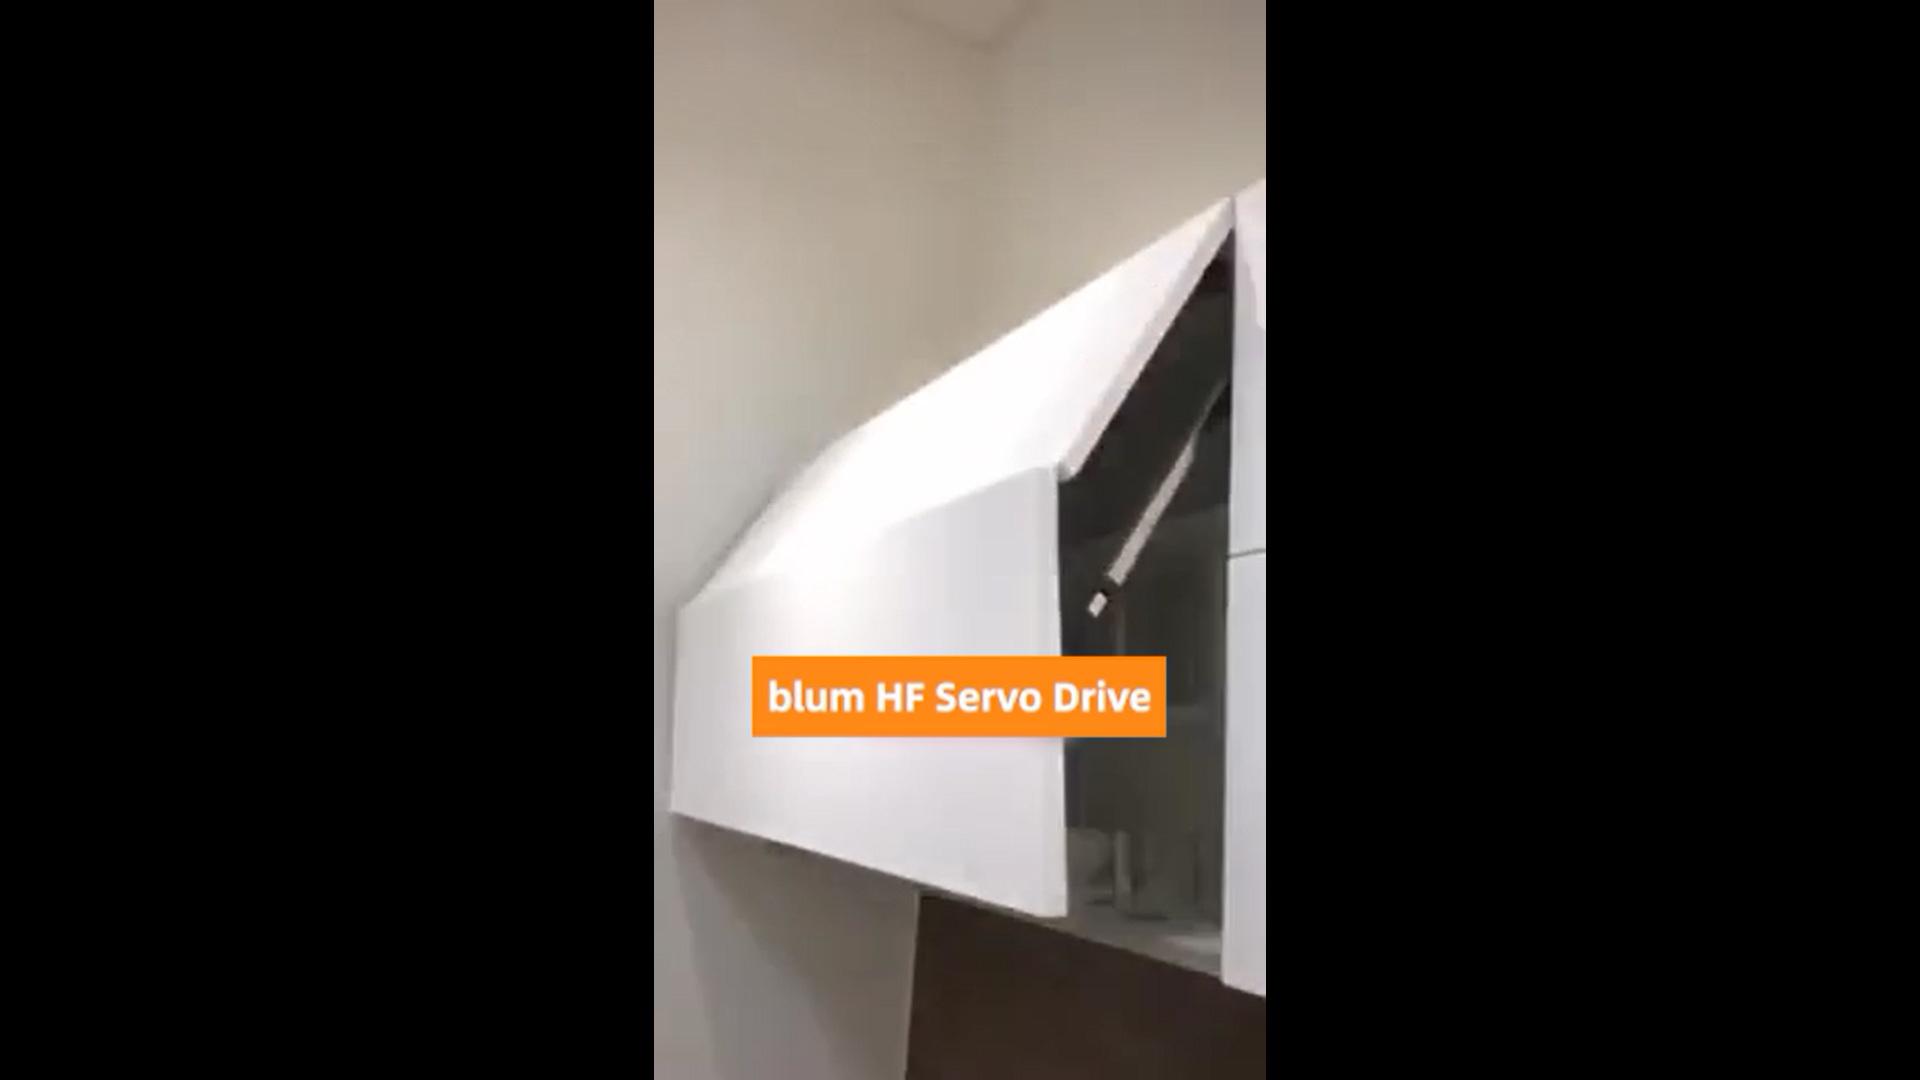 Blum HF Servo Drive (2)